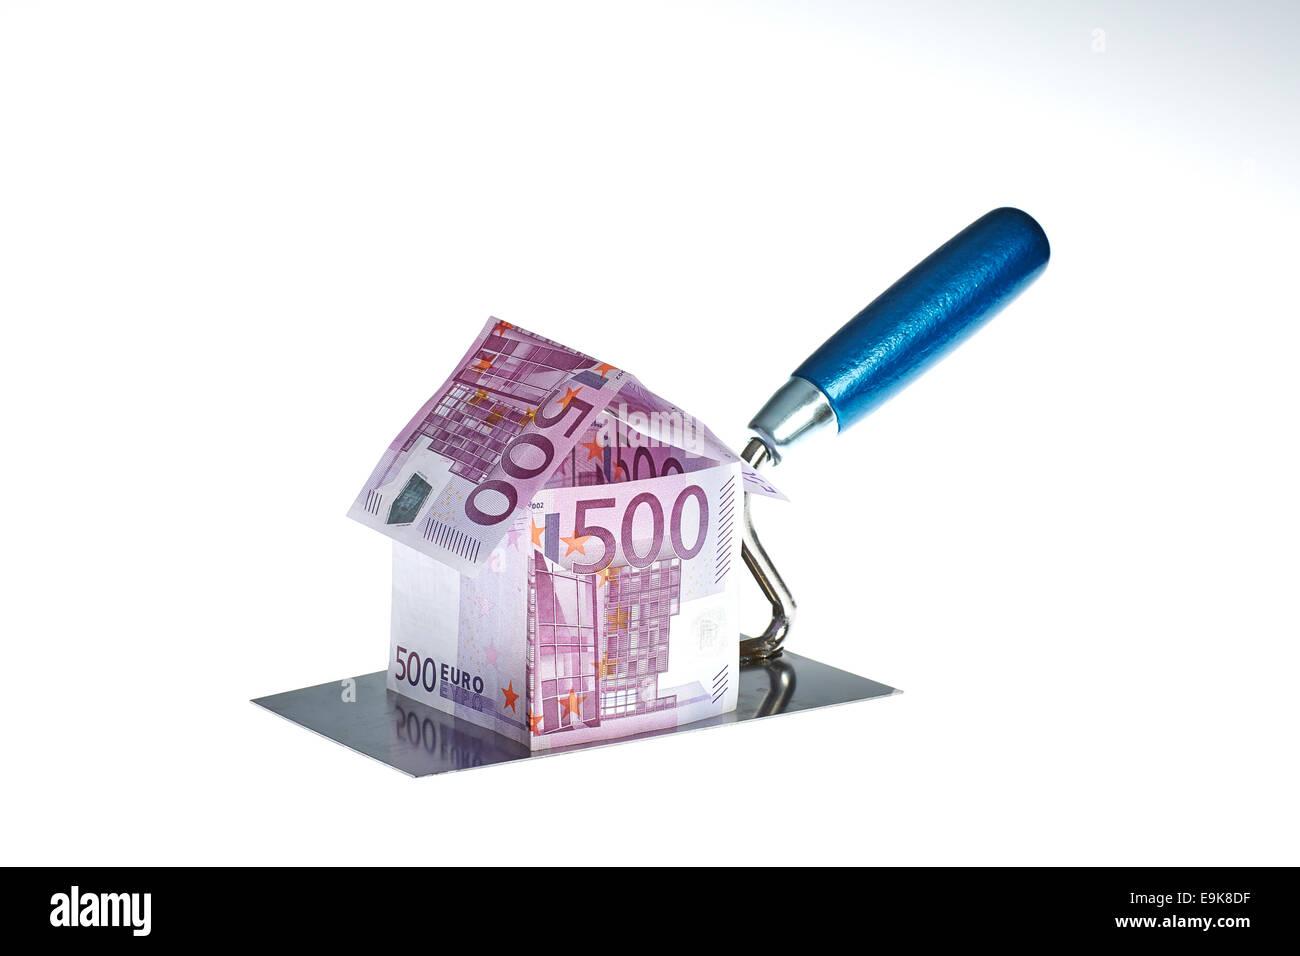 Haus Gebaut aus Euro Geldschein Auf Handwerker Kelle Stockbild